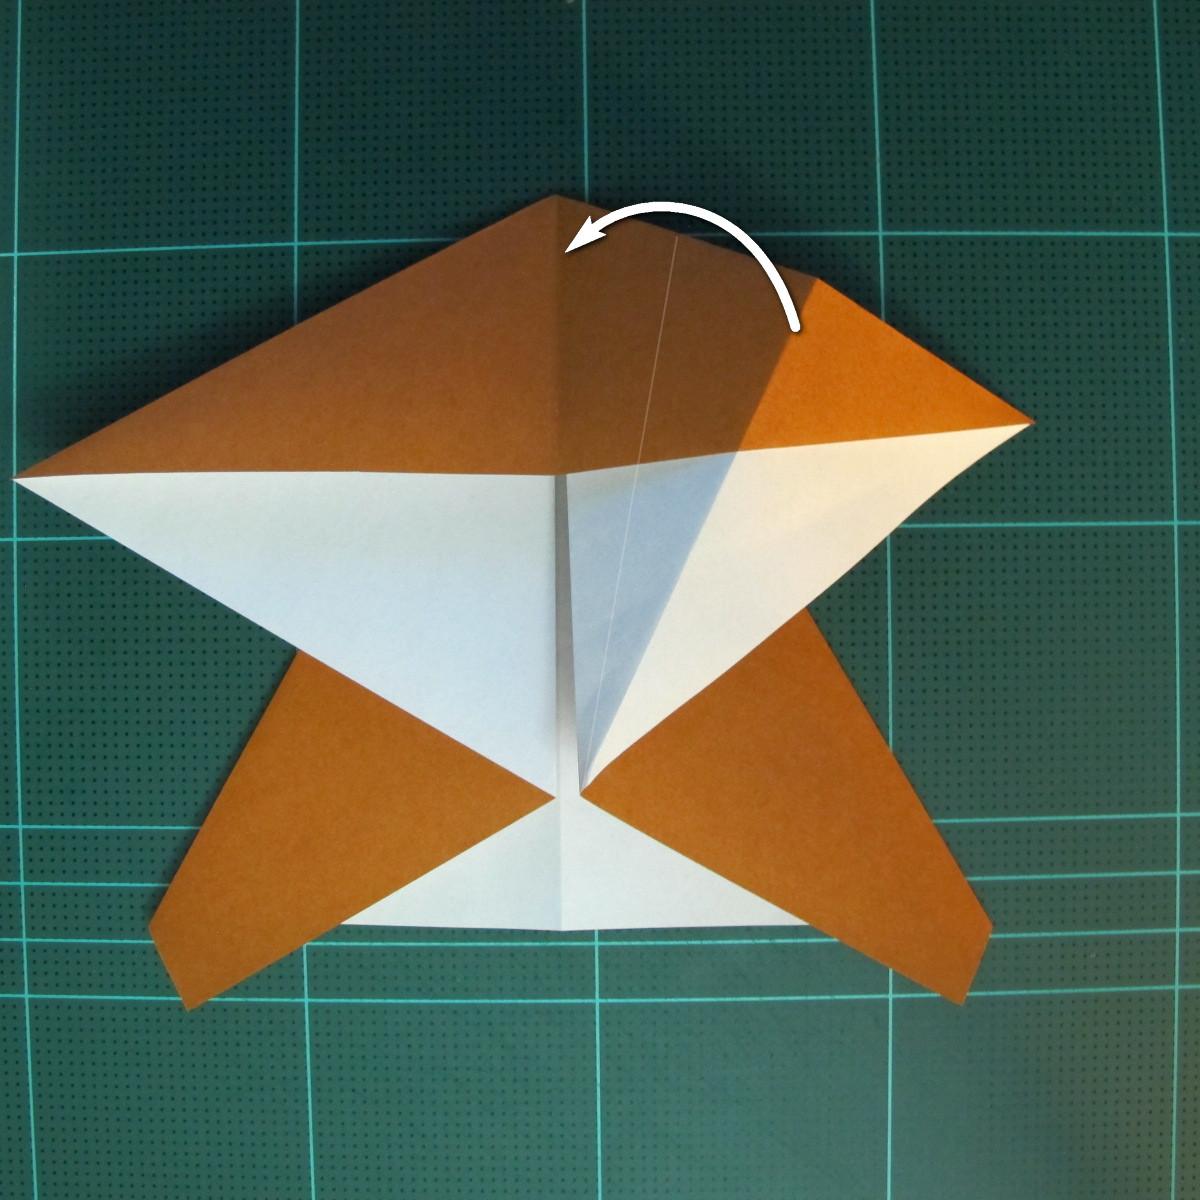 วิธีการพับกระดาษเป็นรูปกบ (แบบโคลัมเบี้ยน) (Origami Frog) 021